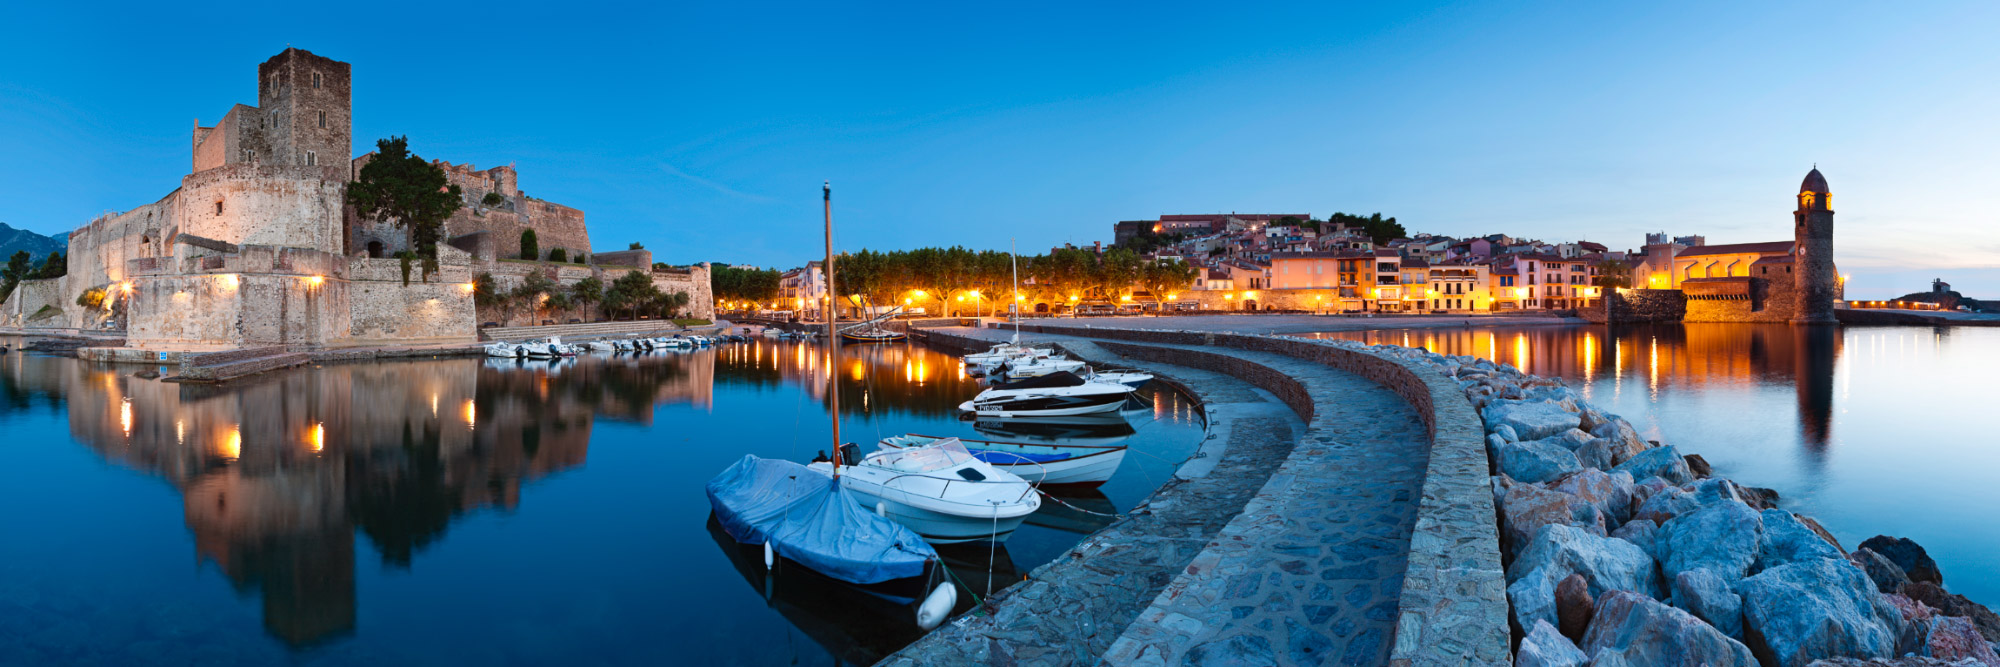 Collioure, Côte V... S